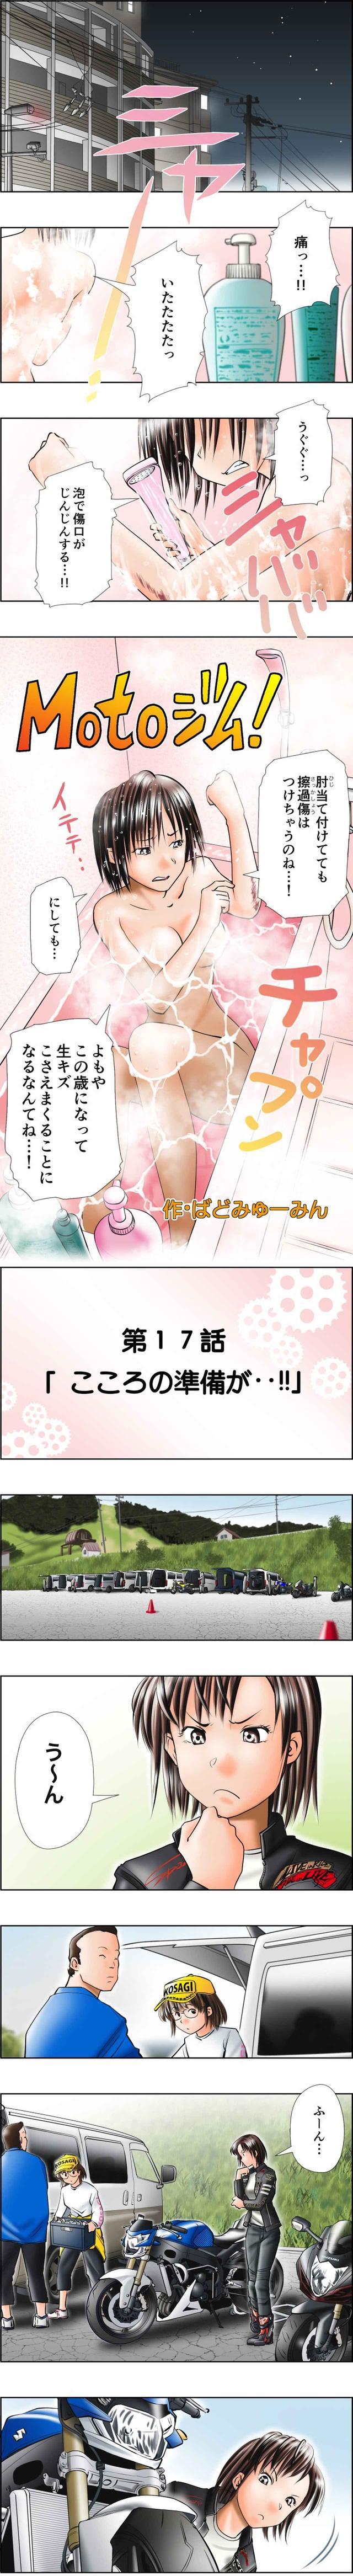 画像: Motoジム!(第17話:こころの準備が…!!) 作・ばどみゅーみん - Webオートバイ